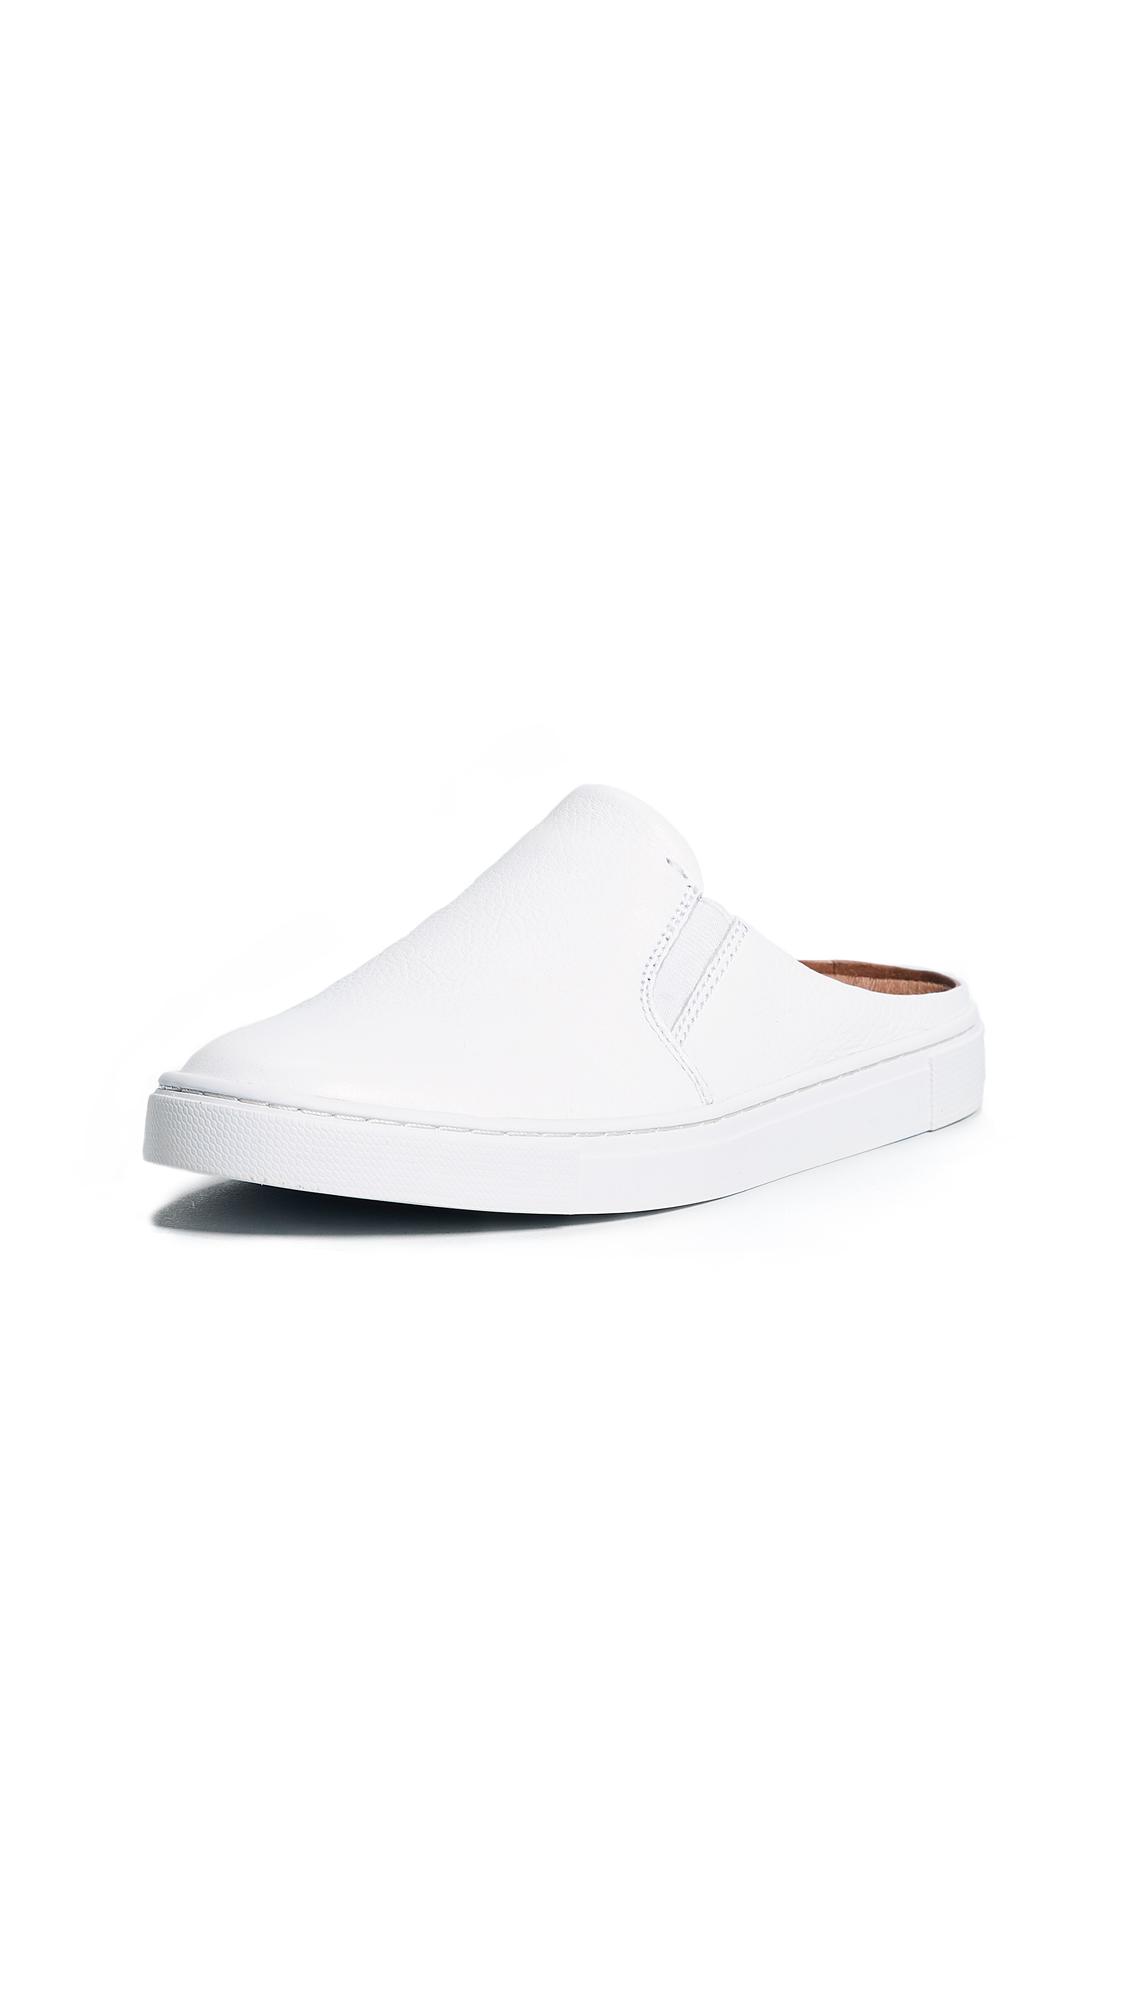 Frye Ivy Mule Sneakers - White